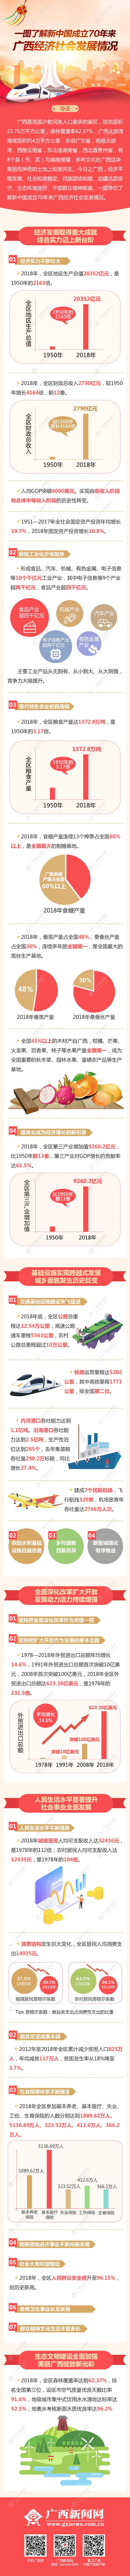 【桂刊】一图了解新中国成立70年来 广西经济社会发展情况